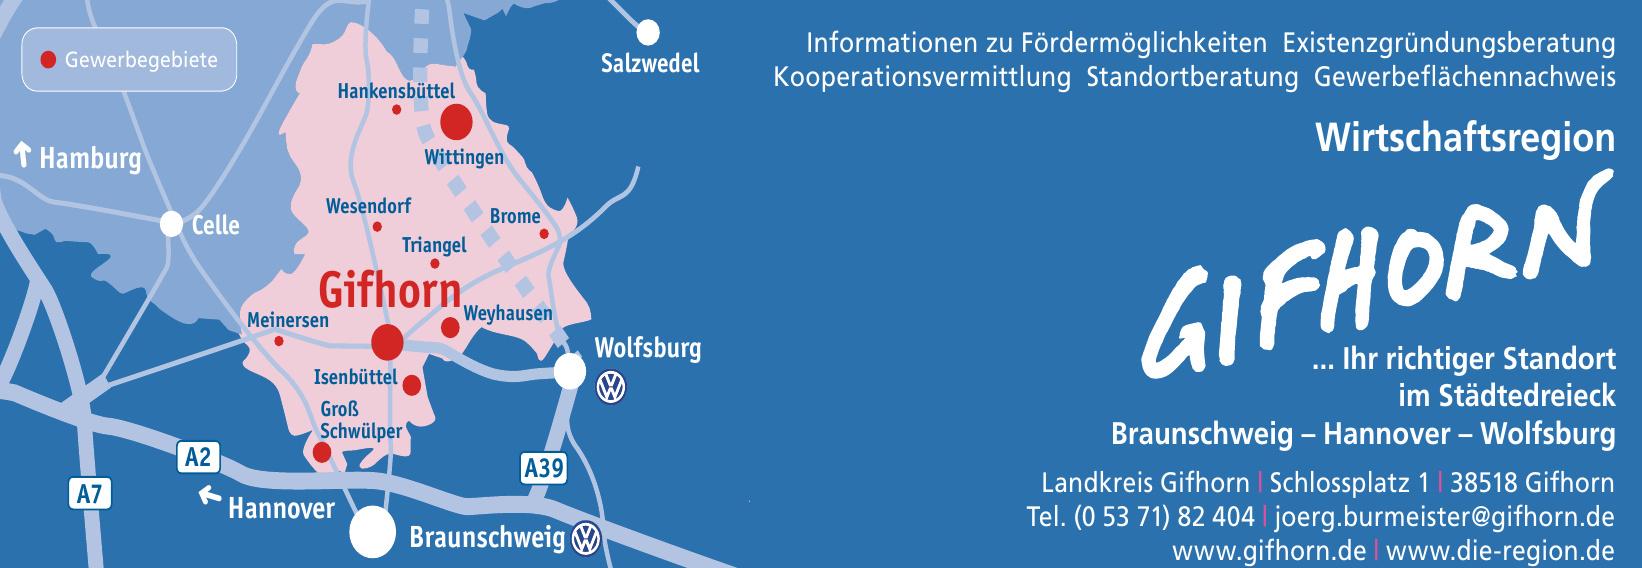 Wirtschaftsregion Gifhorn